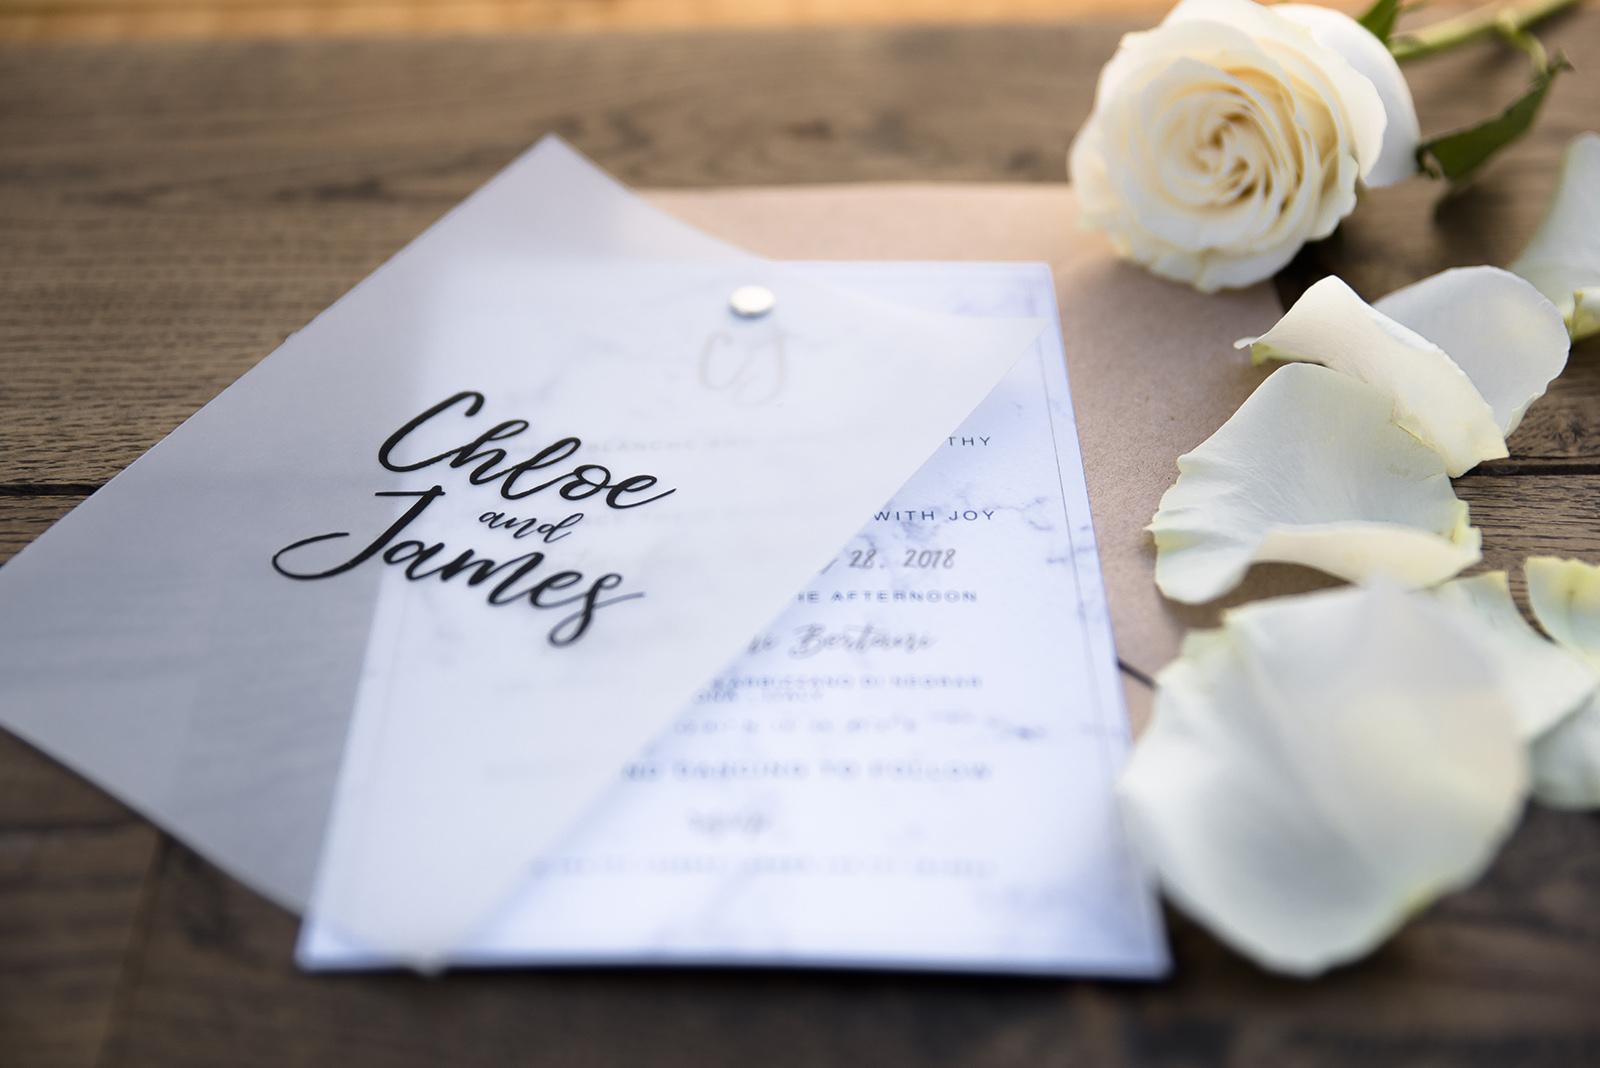 Mugga Design partecipazione effetto marmo marble in carta Modigliani logo monogrammed nomi sposi in carta vegetale, busta kraft e rose sullo sfondo di legno